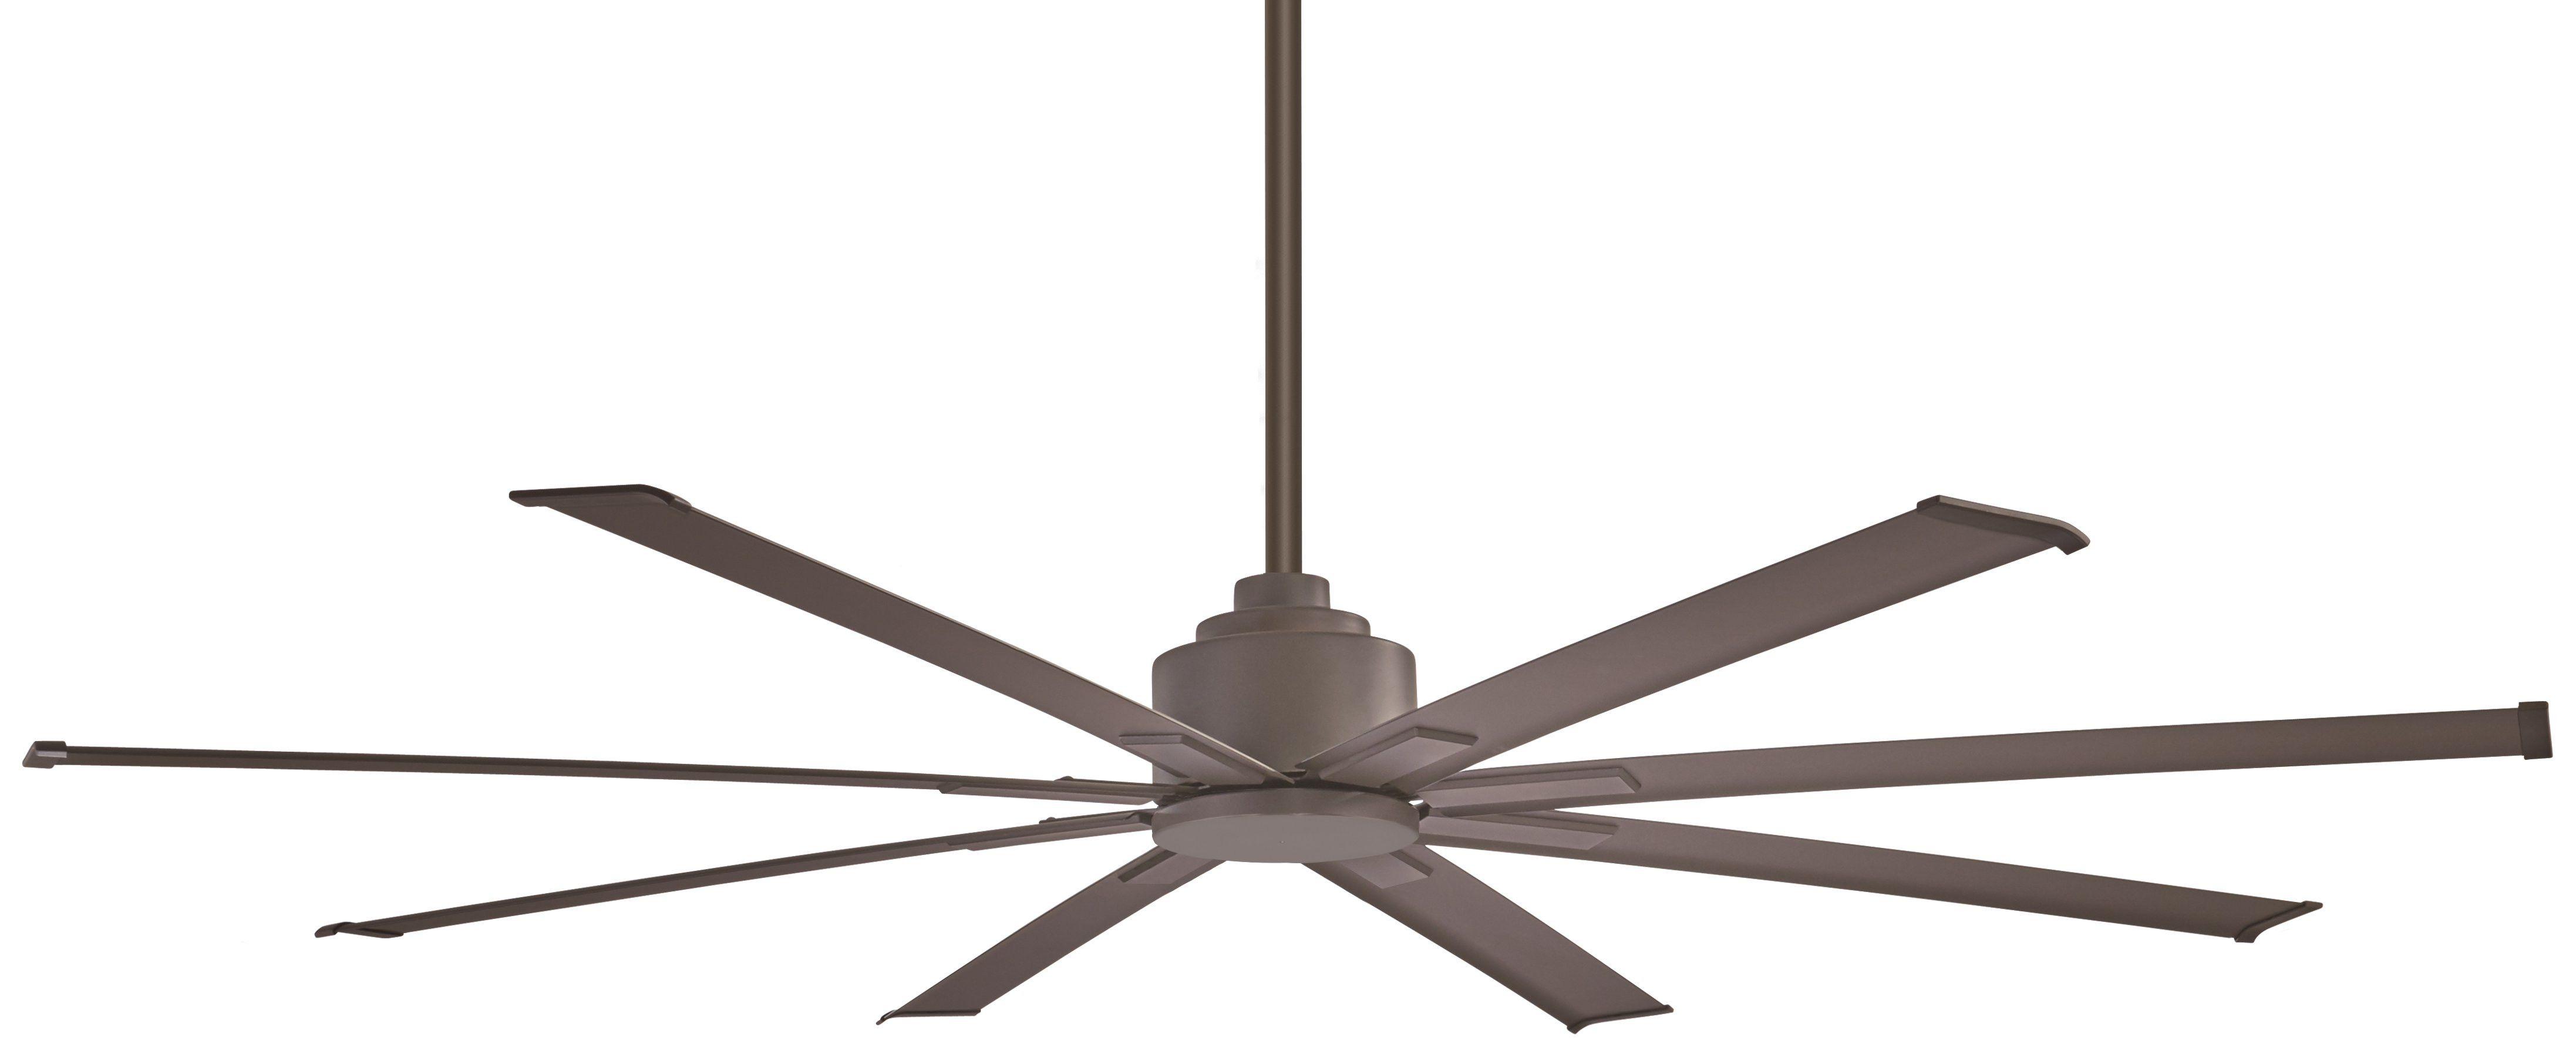 Minka Aire F886 65 Orb 65 Wet Rated Xtreme H2oceiling Fan Motor In Oil Rubbed Bronze Ceiling Fan Modern Ceiling Fan